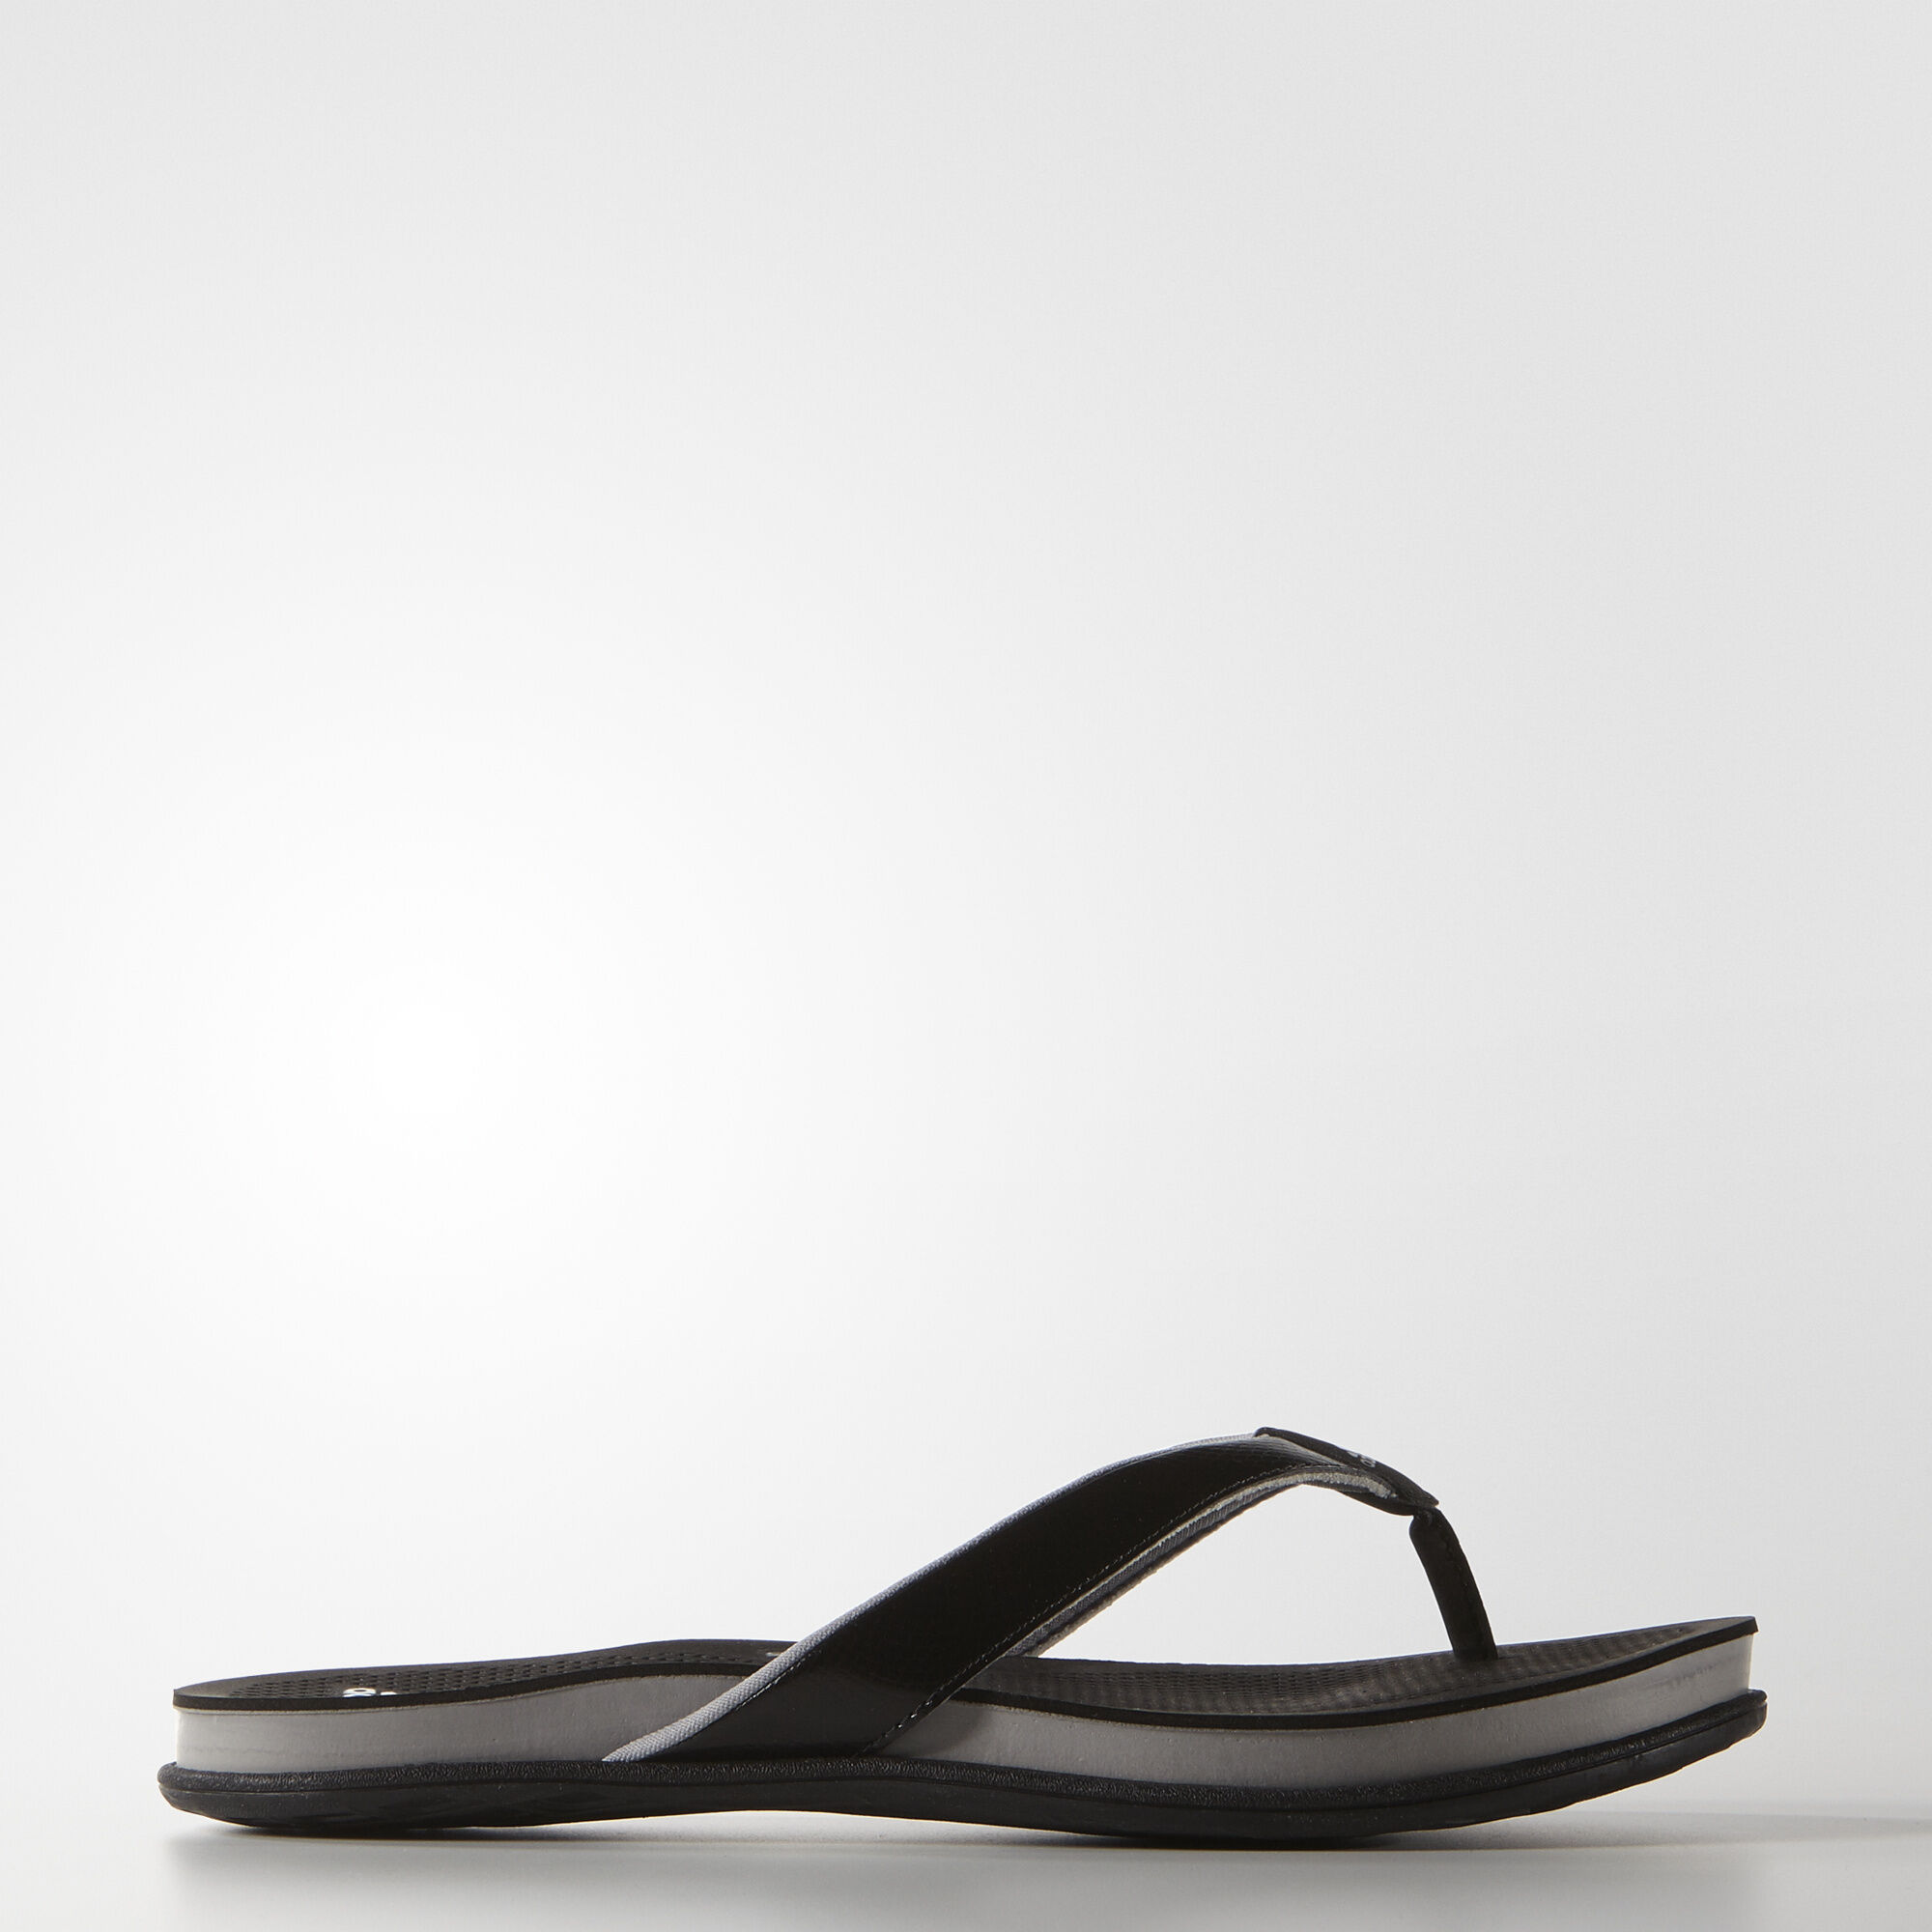 adidas sandals on sale